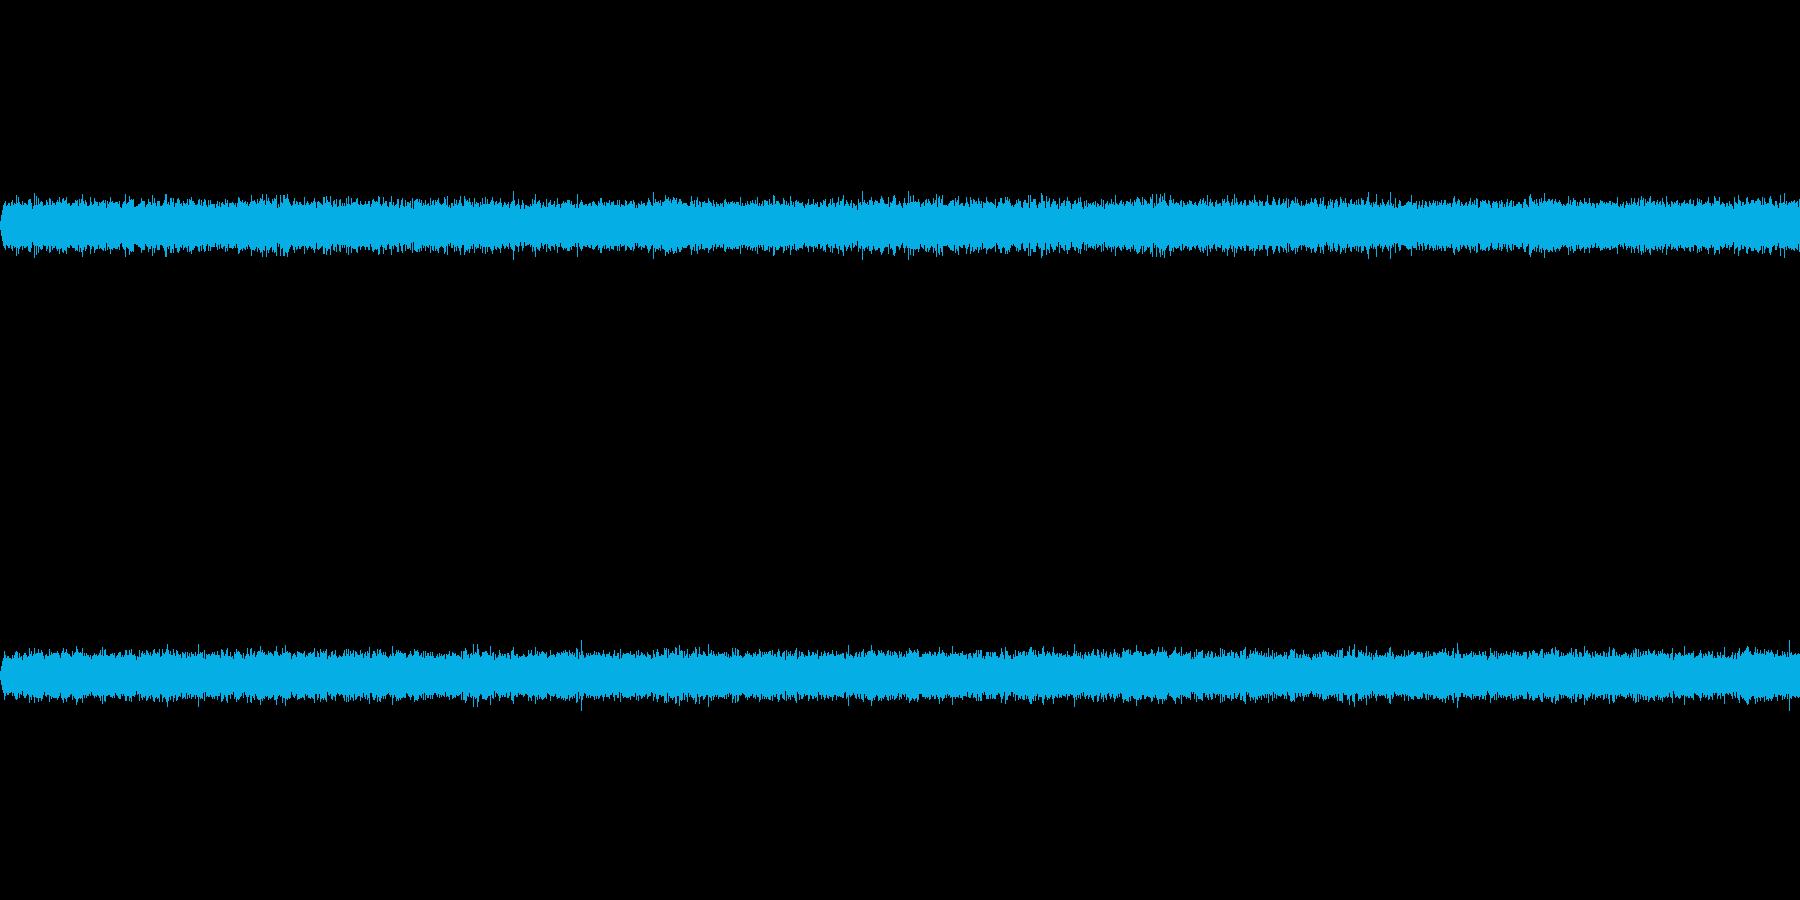 マイクノイズの再生済みの波形